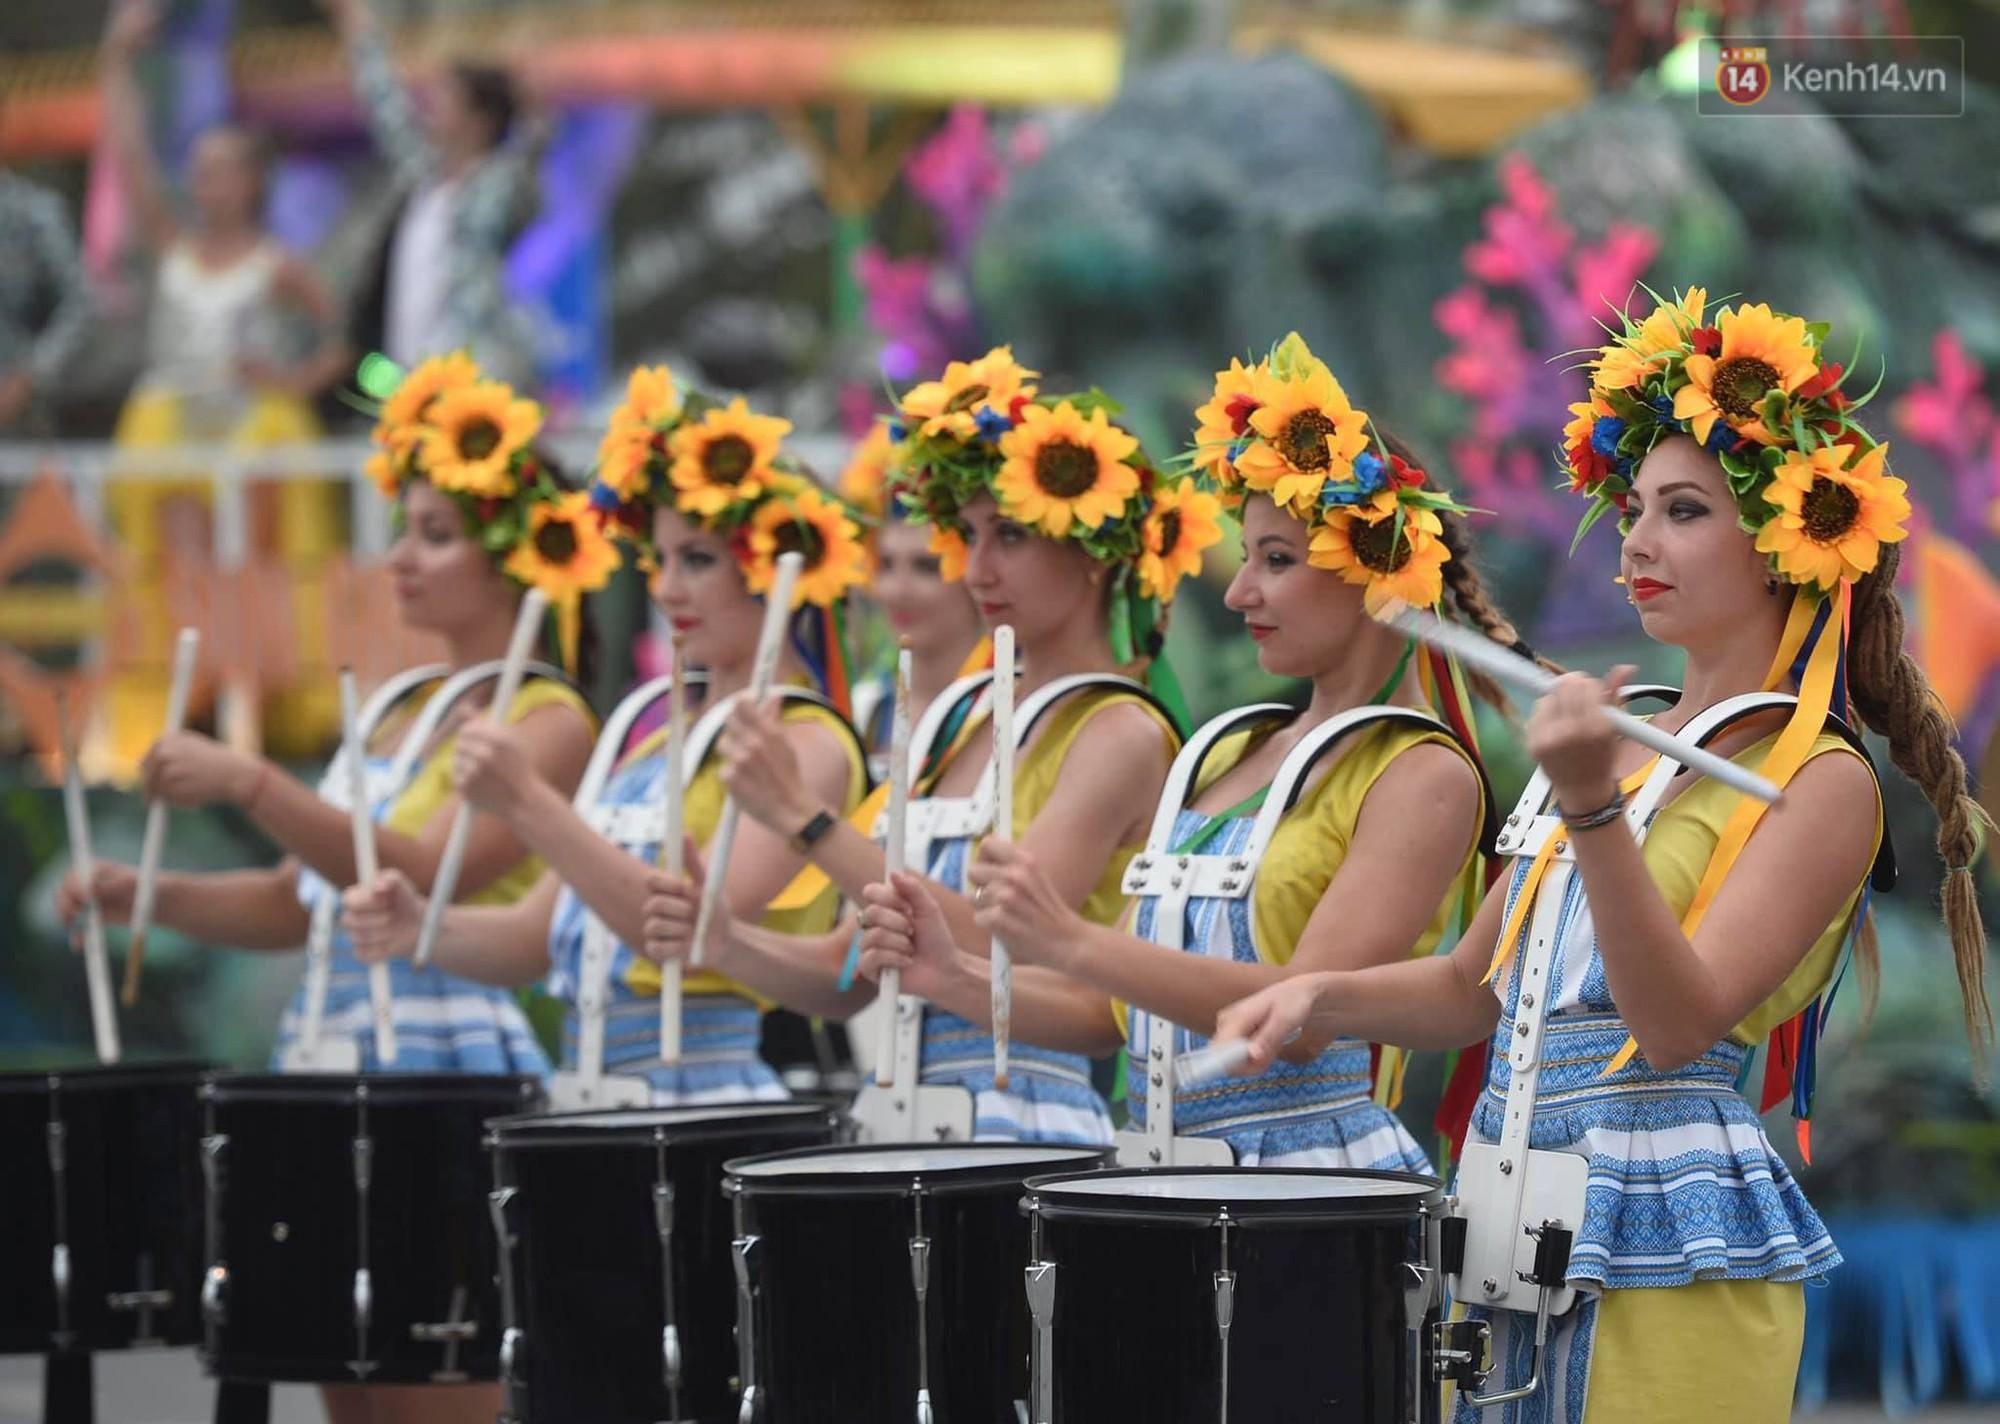 Màn Canaval sinh động và giao lưu với khán giả ấn tượng tại lễ hội du lịch biển Sầm Sơn - Ảnh 8.